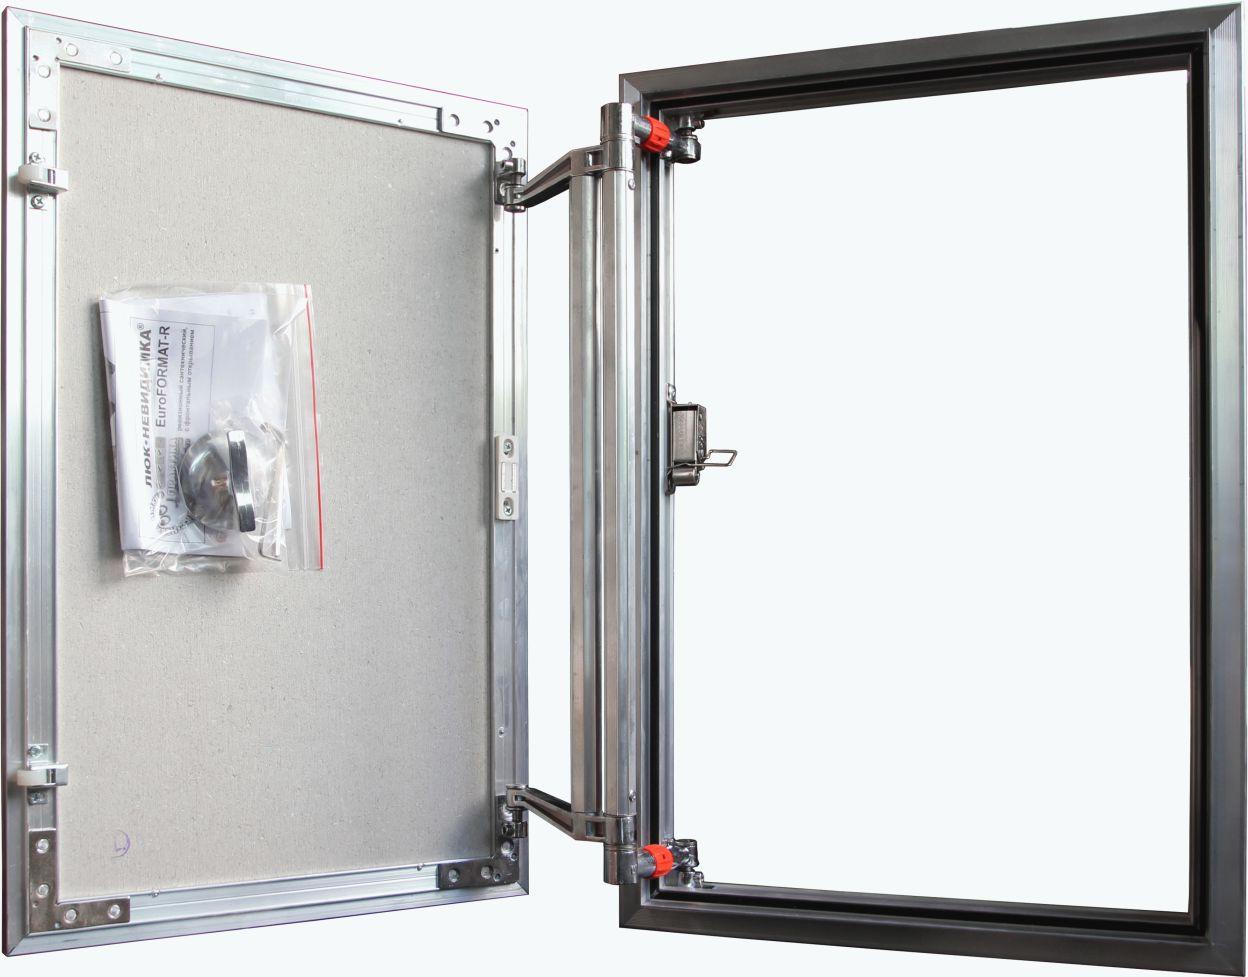 Люк ревизионный 200х300 мм под плитку алюминиевый EuroFORMAT-R Практика